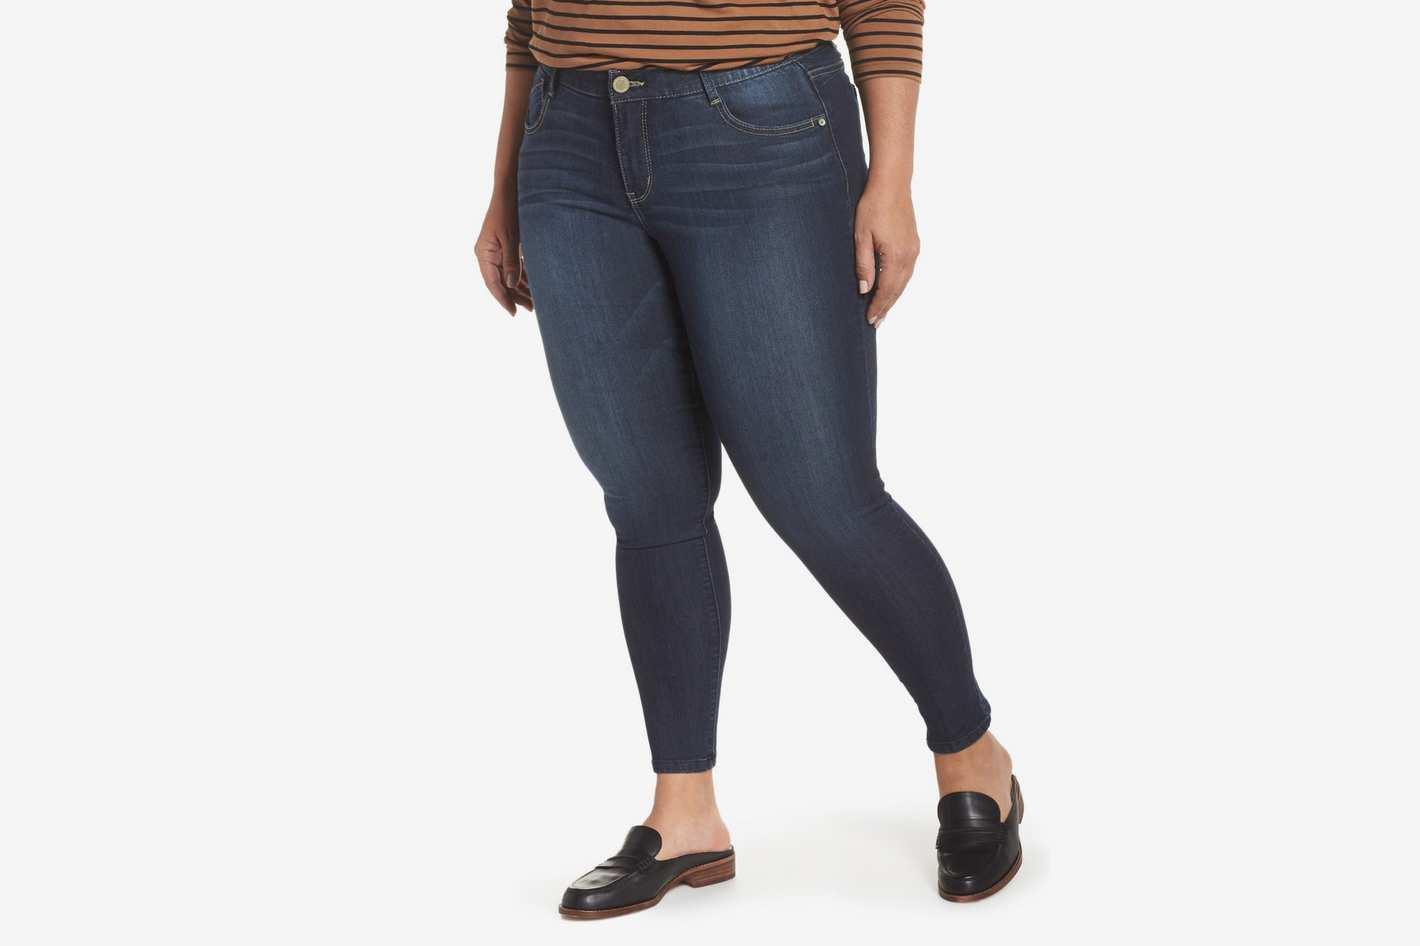 Wit & Wisdom Absolution Stretch Skinny Jeans